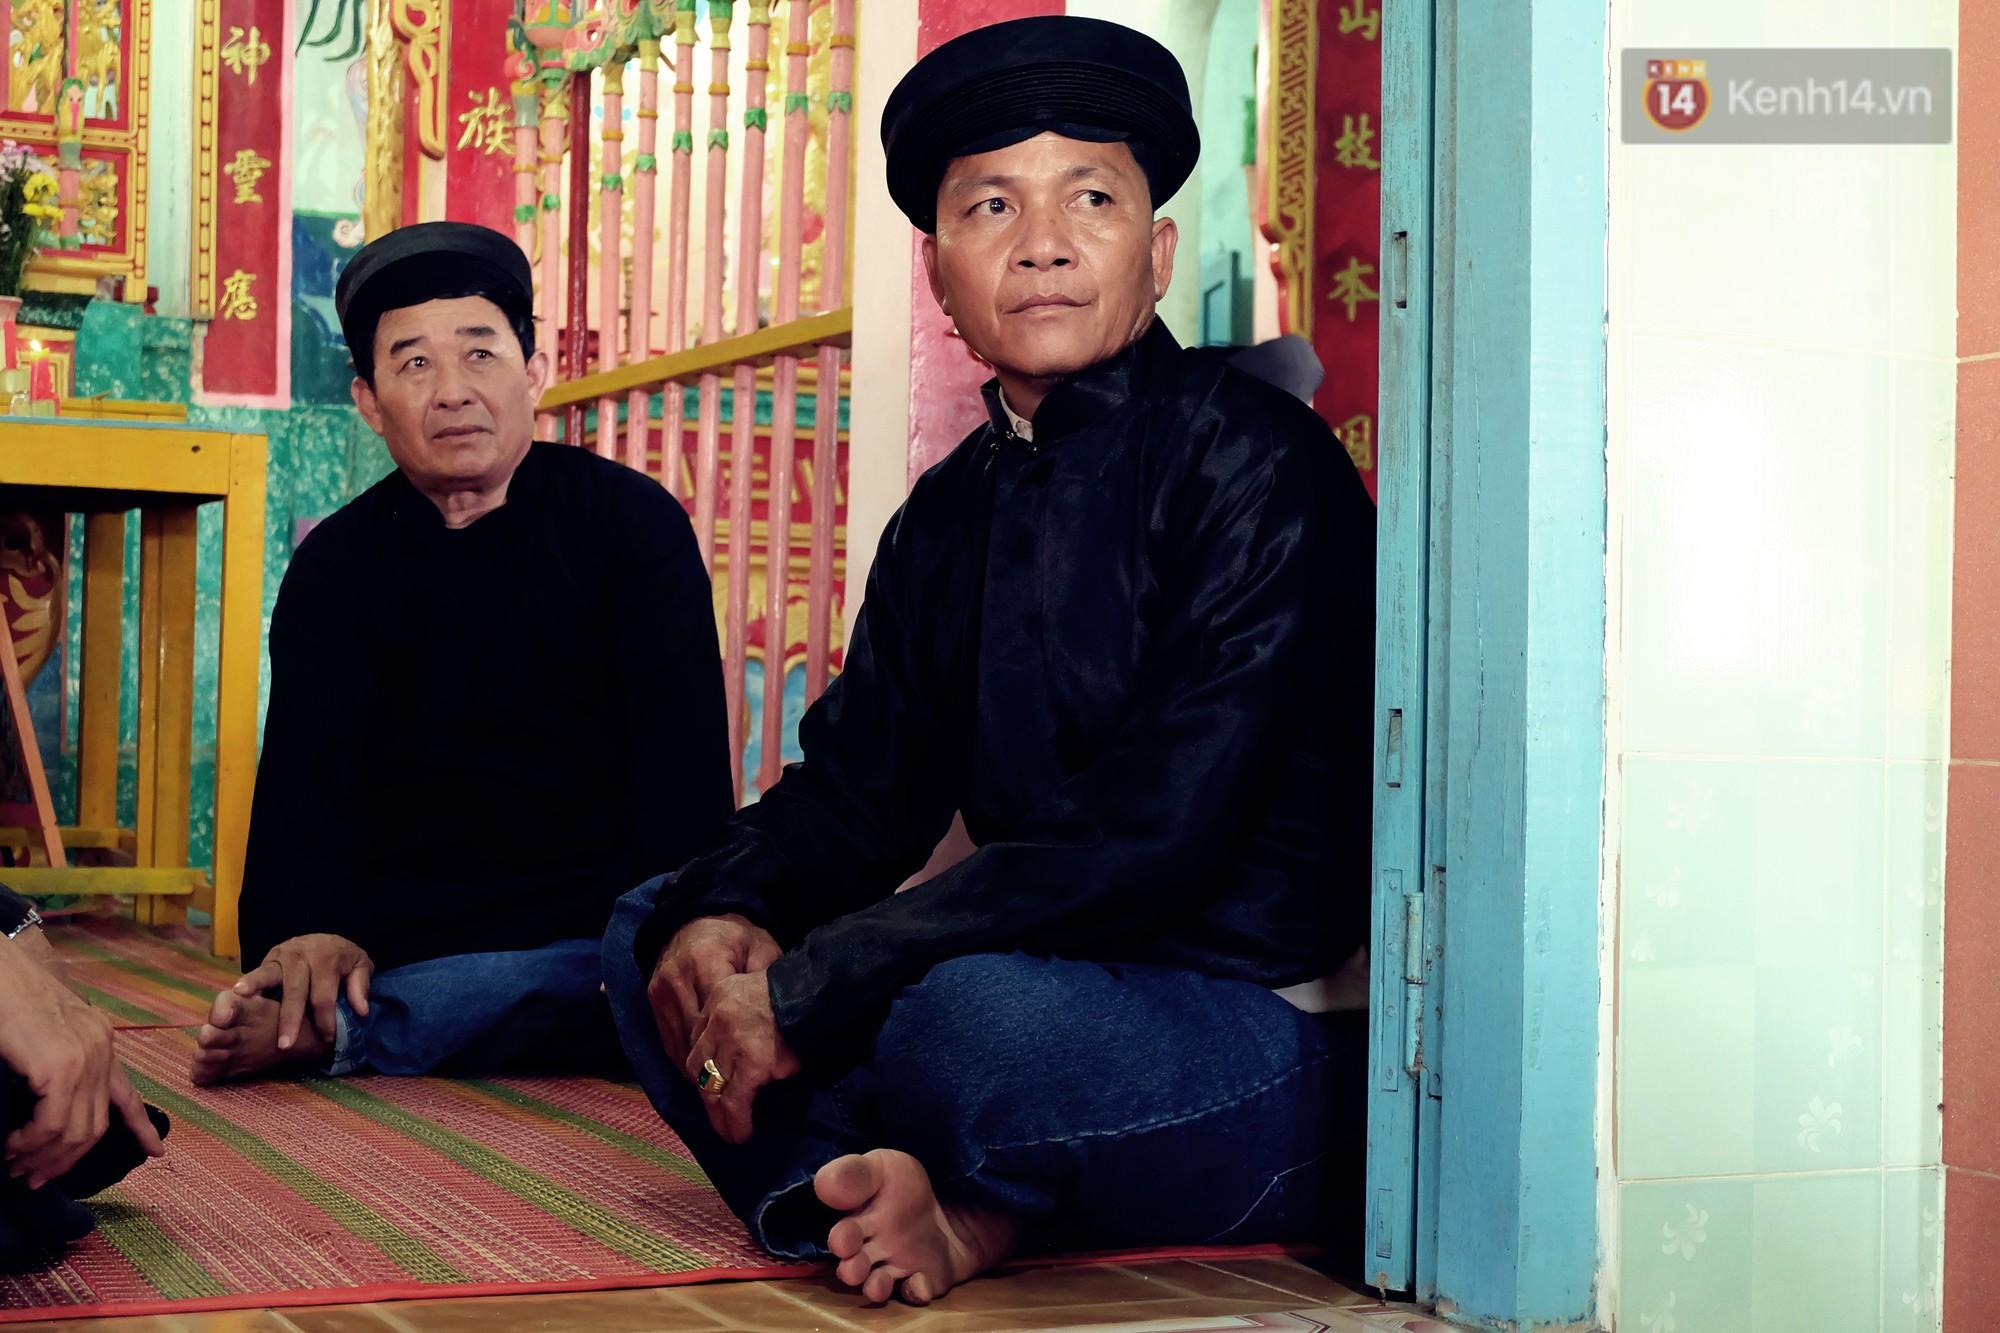 Gánh hát bội trăm tuổi trên đảo Phú Quý: Ngày thường chúng tôi là ngư dân đánh cá, bước lên sân khấu là nghệ sỹ - Ảnh 13.